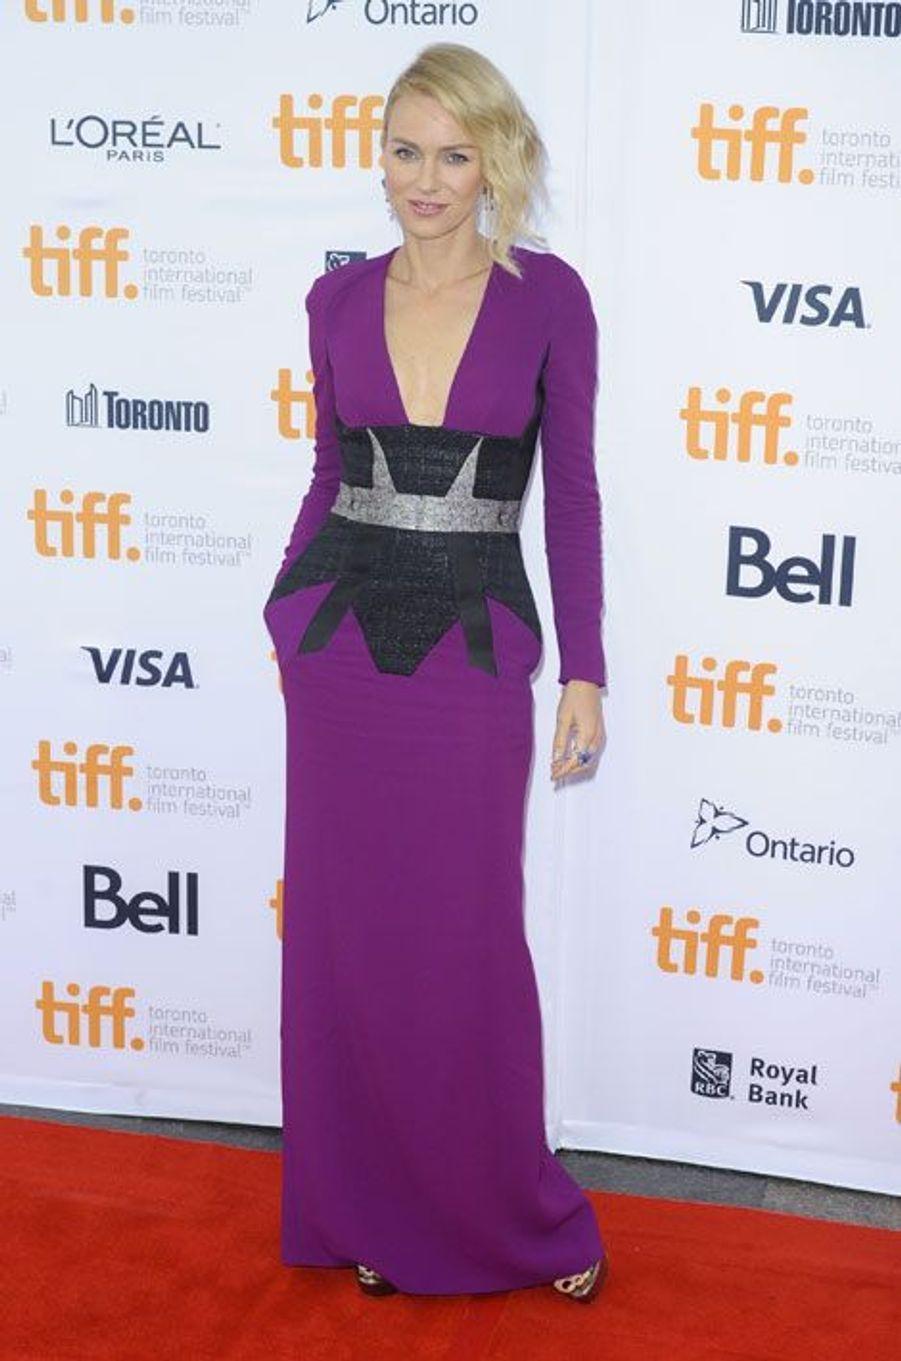 De la couleur : l'actrice Naomi Watts en Antonio Bererdi, lors de la première du film While We're Young au festival international du film de Toront...